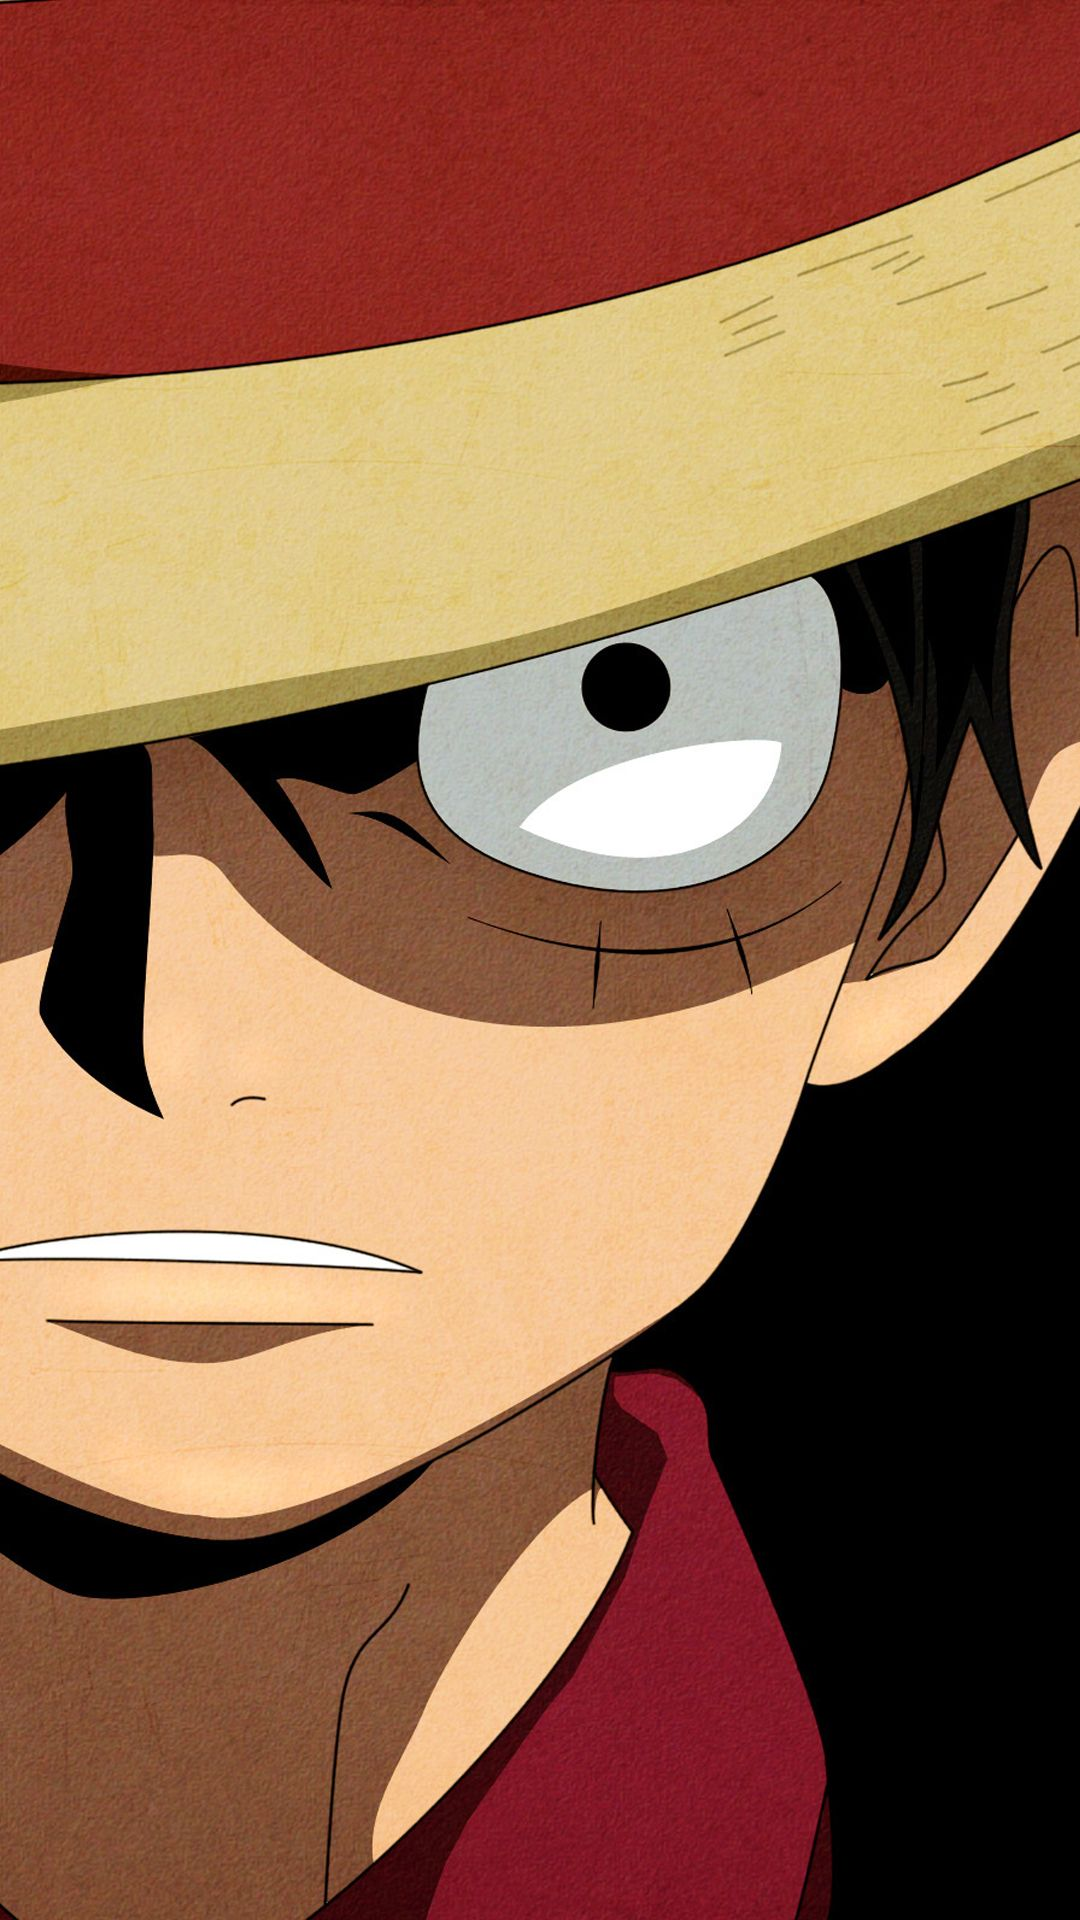 Luffy Wallpaper One Piece Wallpapers Hd Anime 1080x1920 Alt Image Ilustrasi Karakter Ilustrasi Wallpaper Ponsel Hd